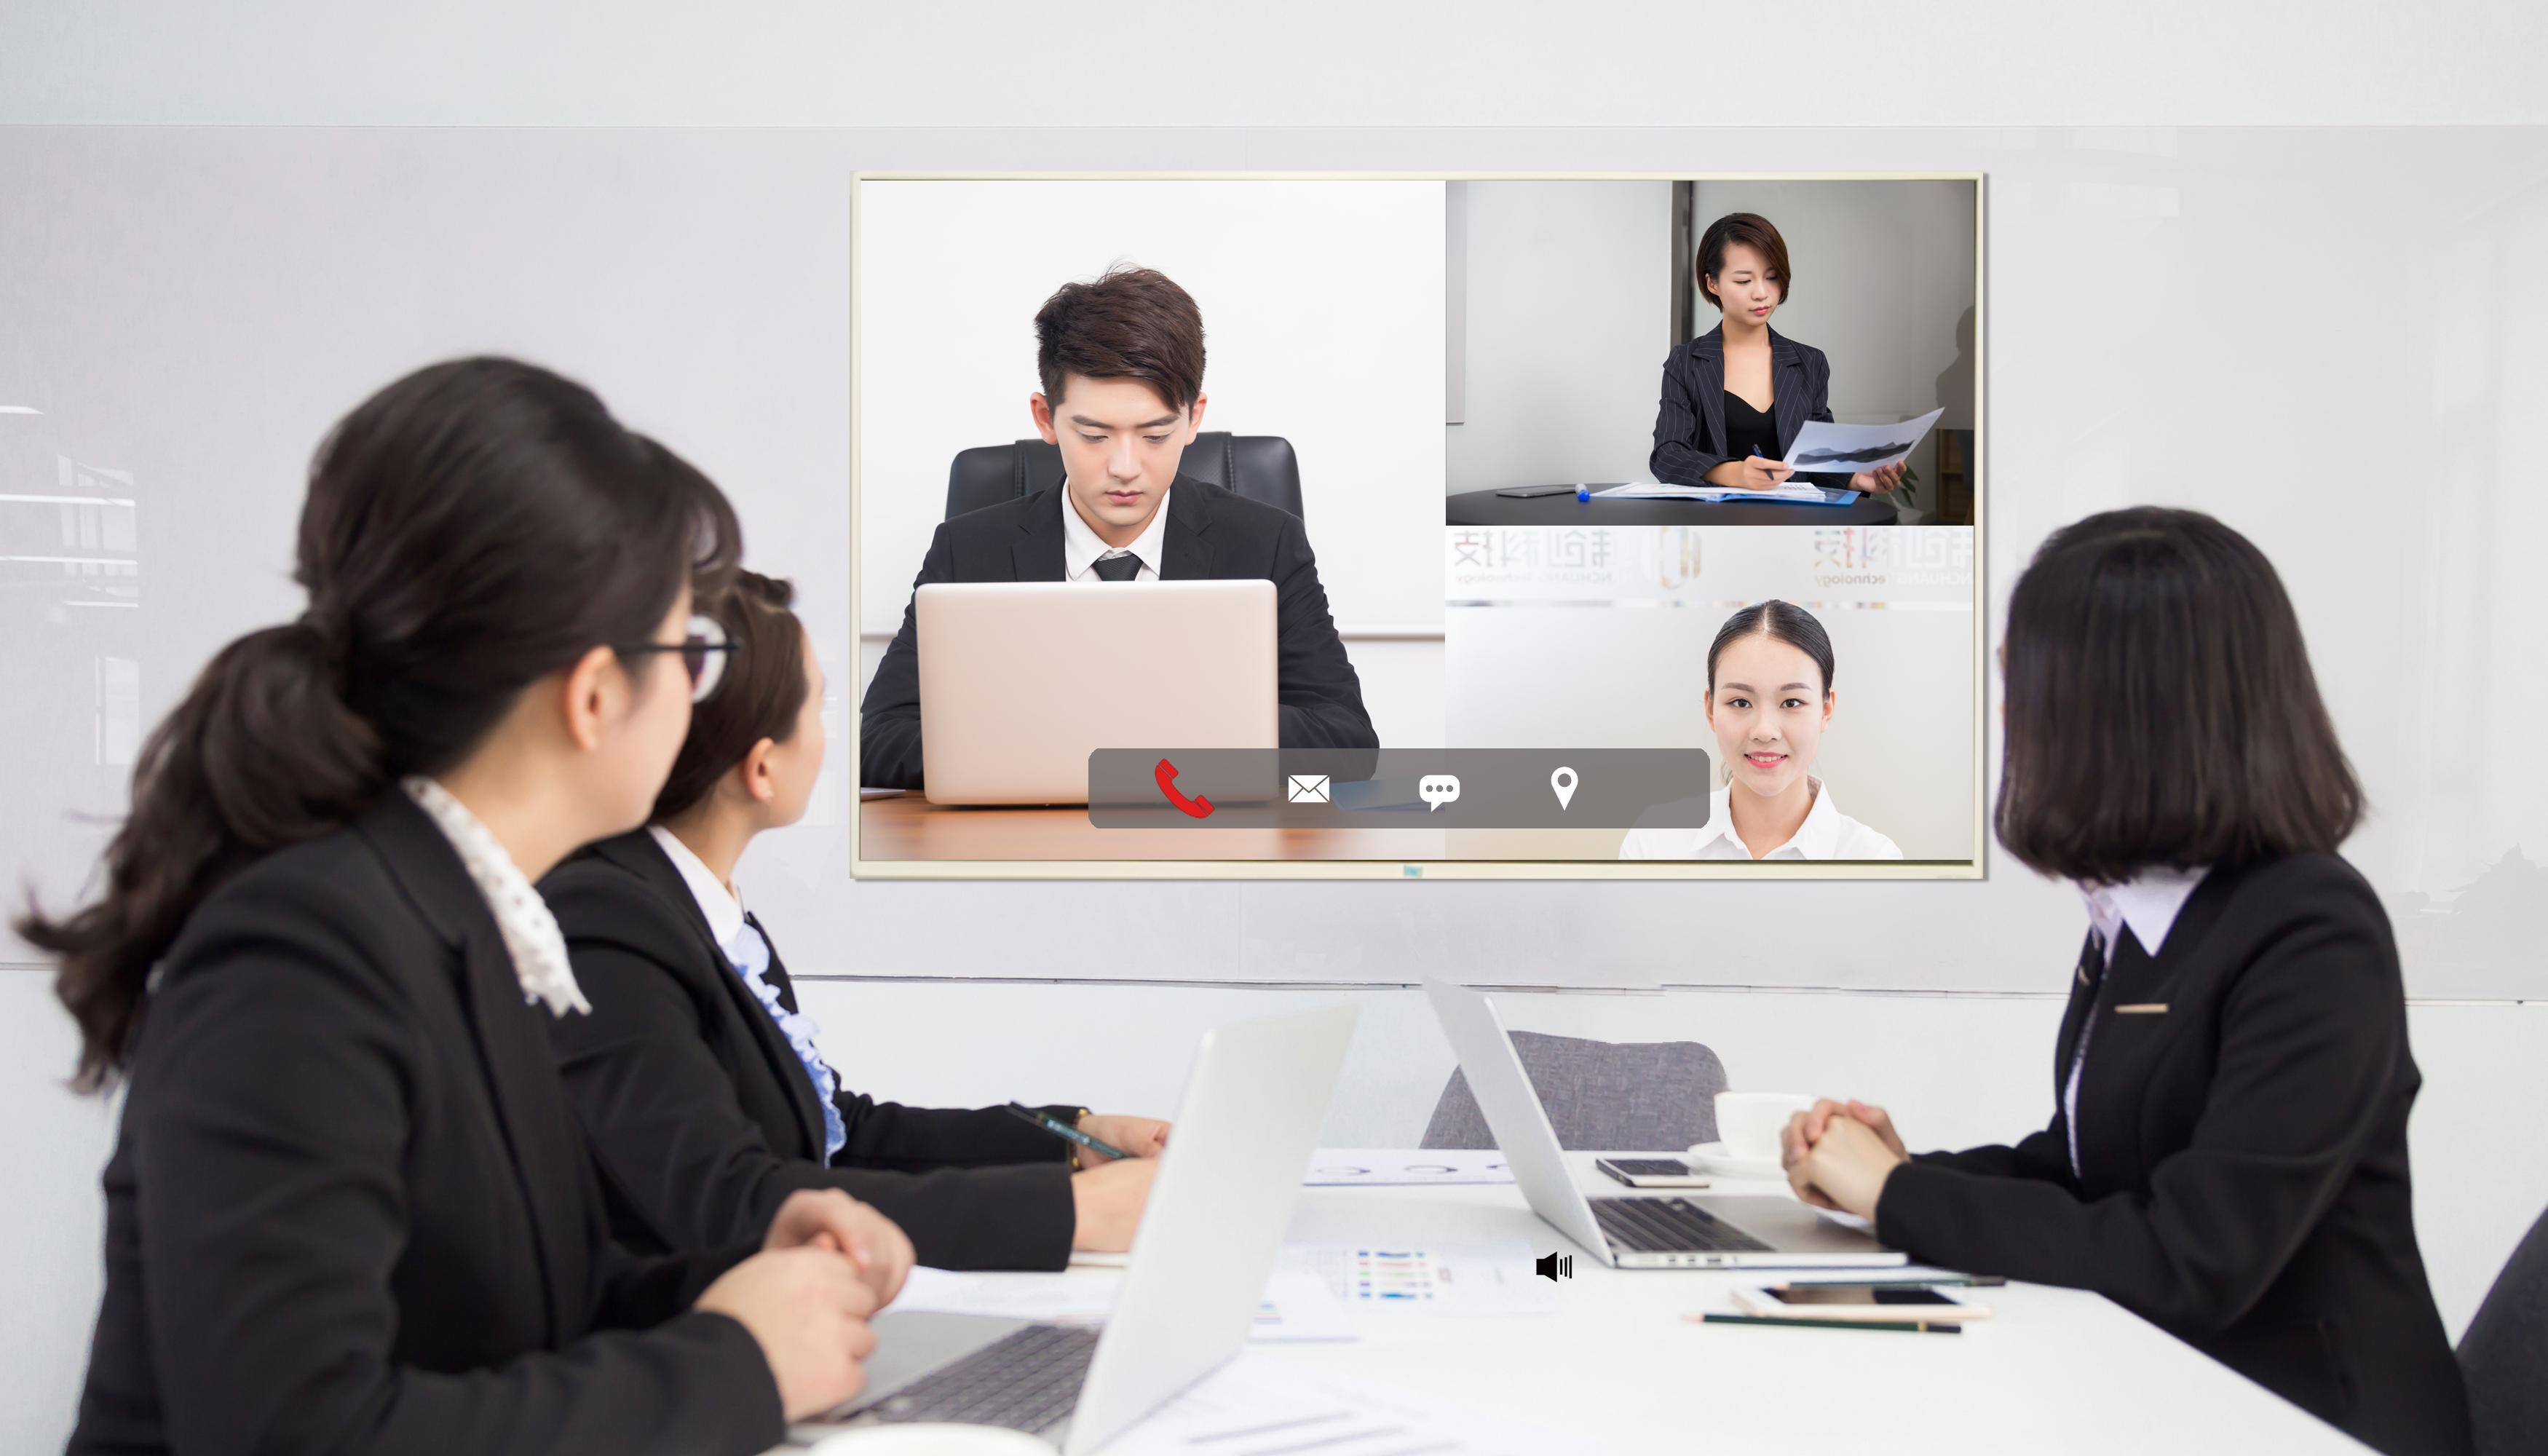 如何选择适合适的会议系统—一键搭建属于自己的视频会议平台 第1张